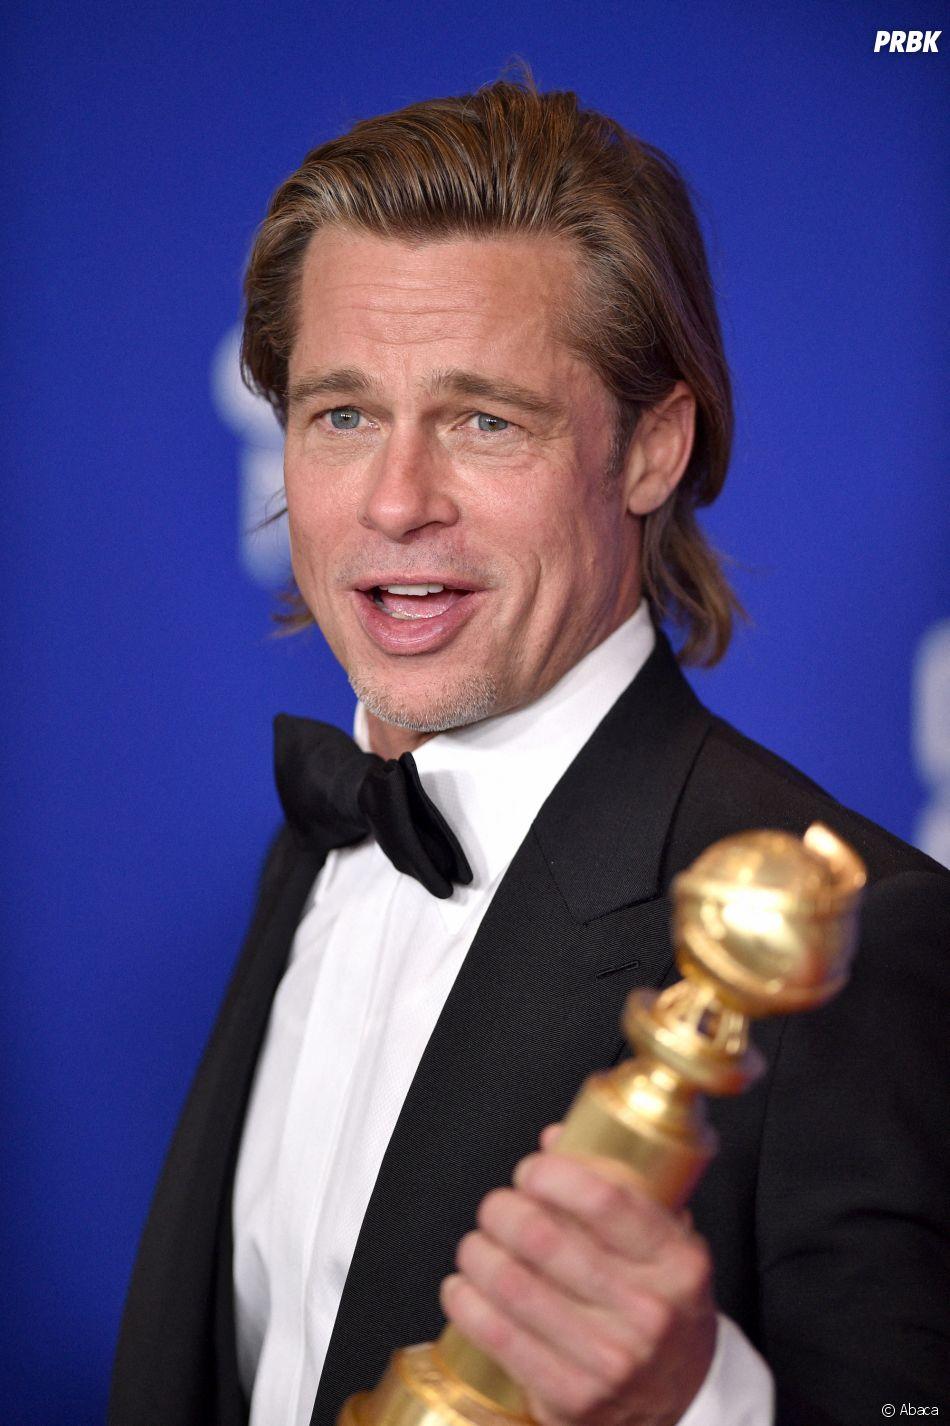 Brad Pitt récompensé aux Golden Globes 2020 le 5 janvier à Los Angeles